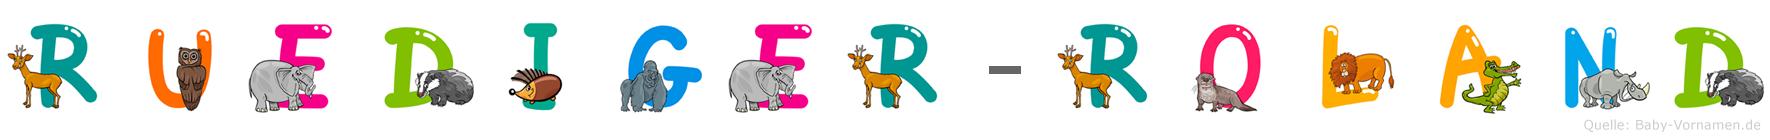 Rüdiger-Roland im Tieralphabet